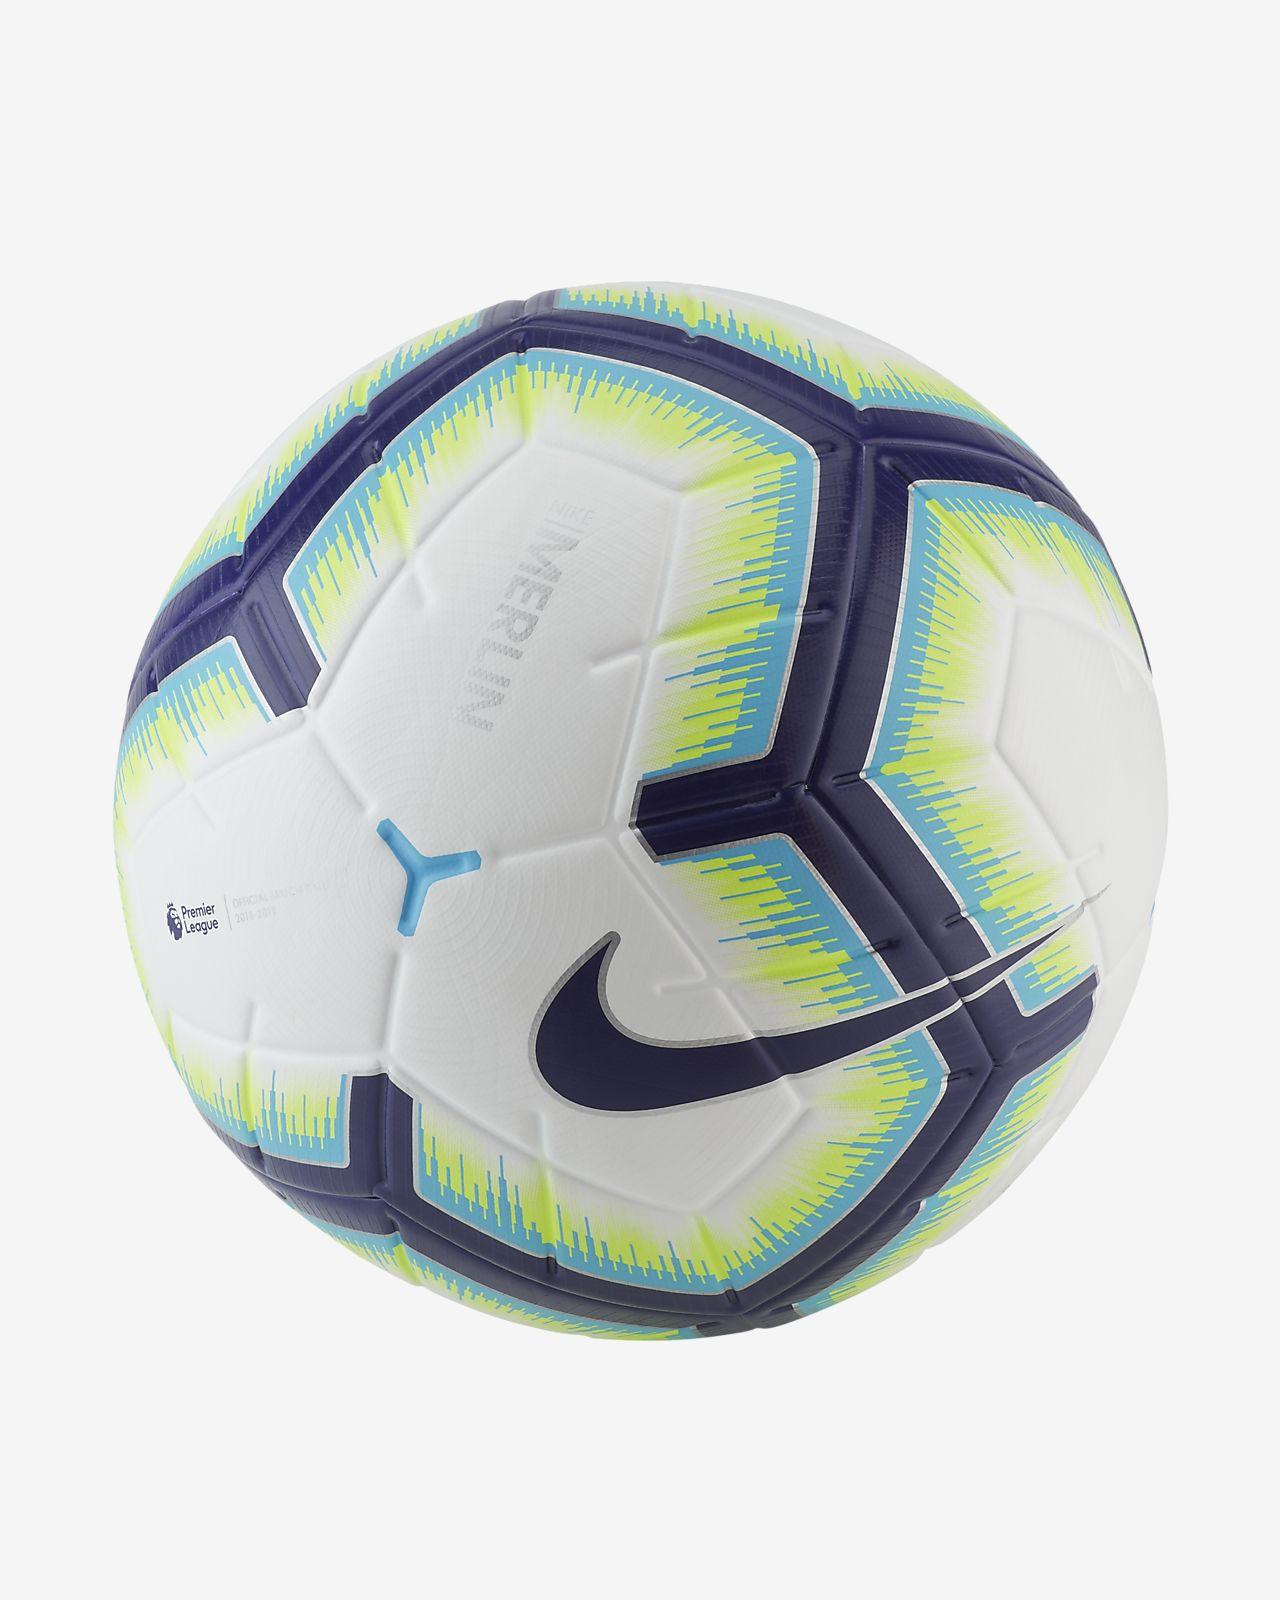 49c7e5af03 Bola de futebol Premier League Merlin. Nike.com PT